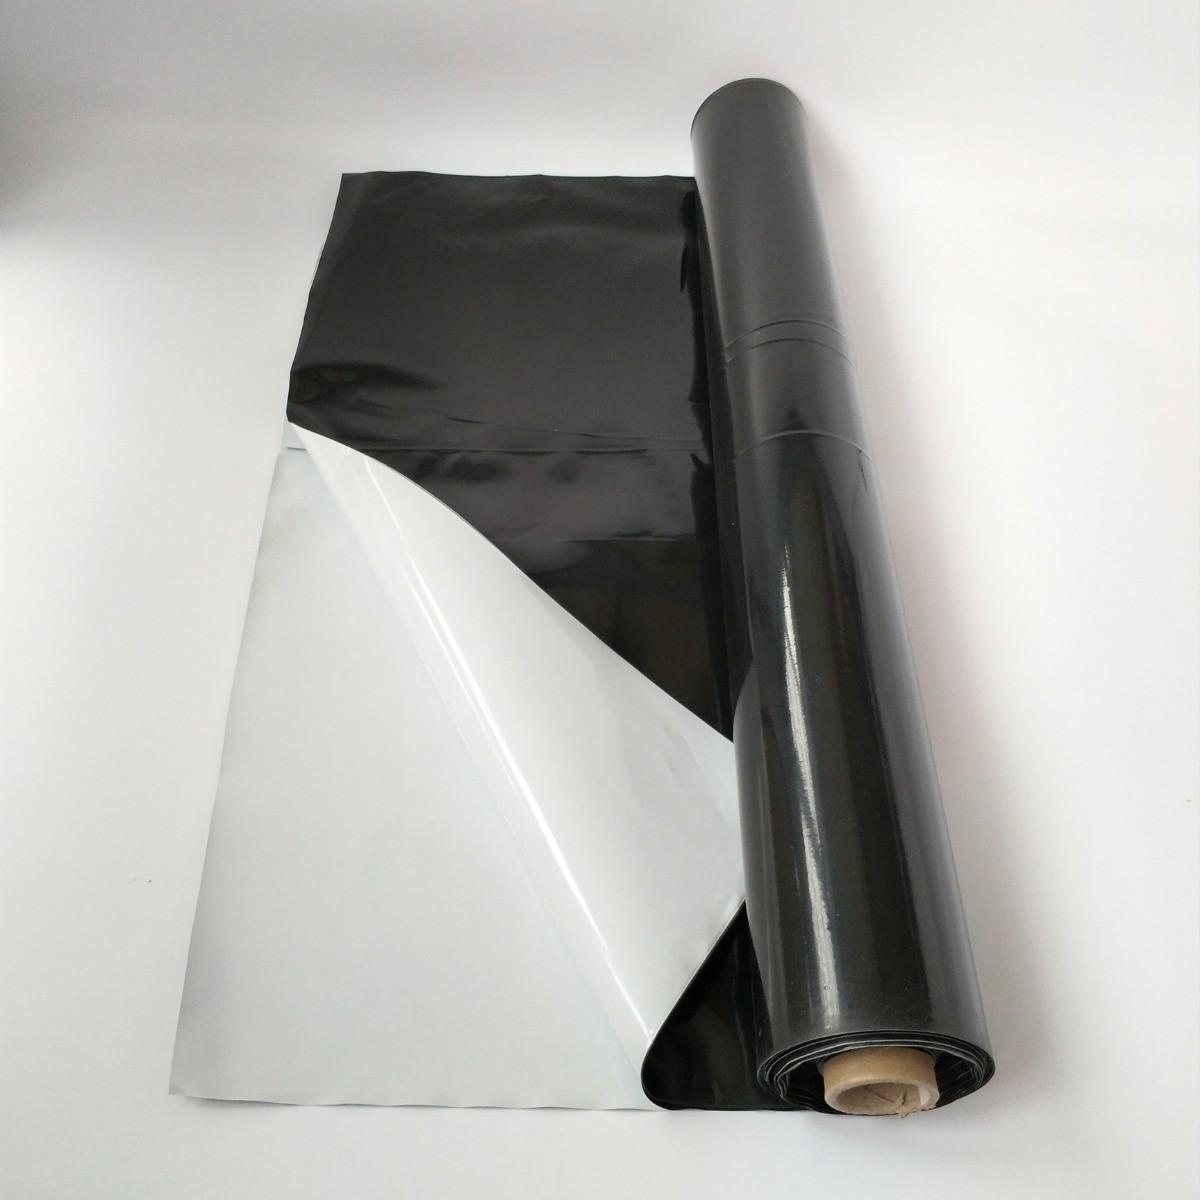 Lona Silagem Nortene Branca/Preta 72kg - 6x89m